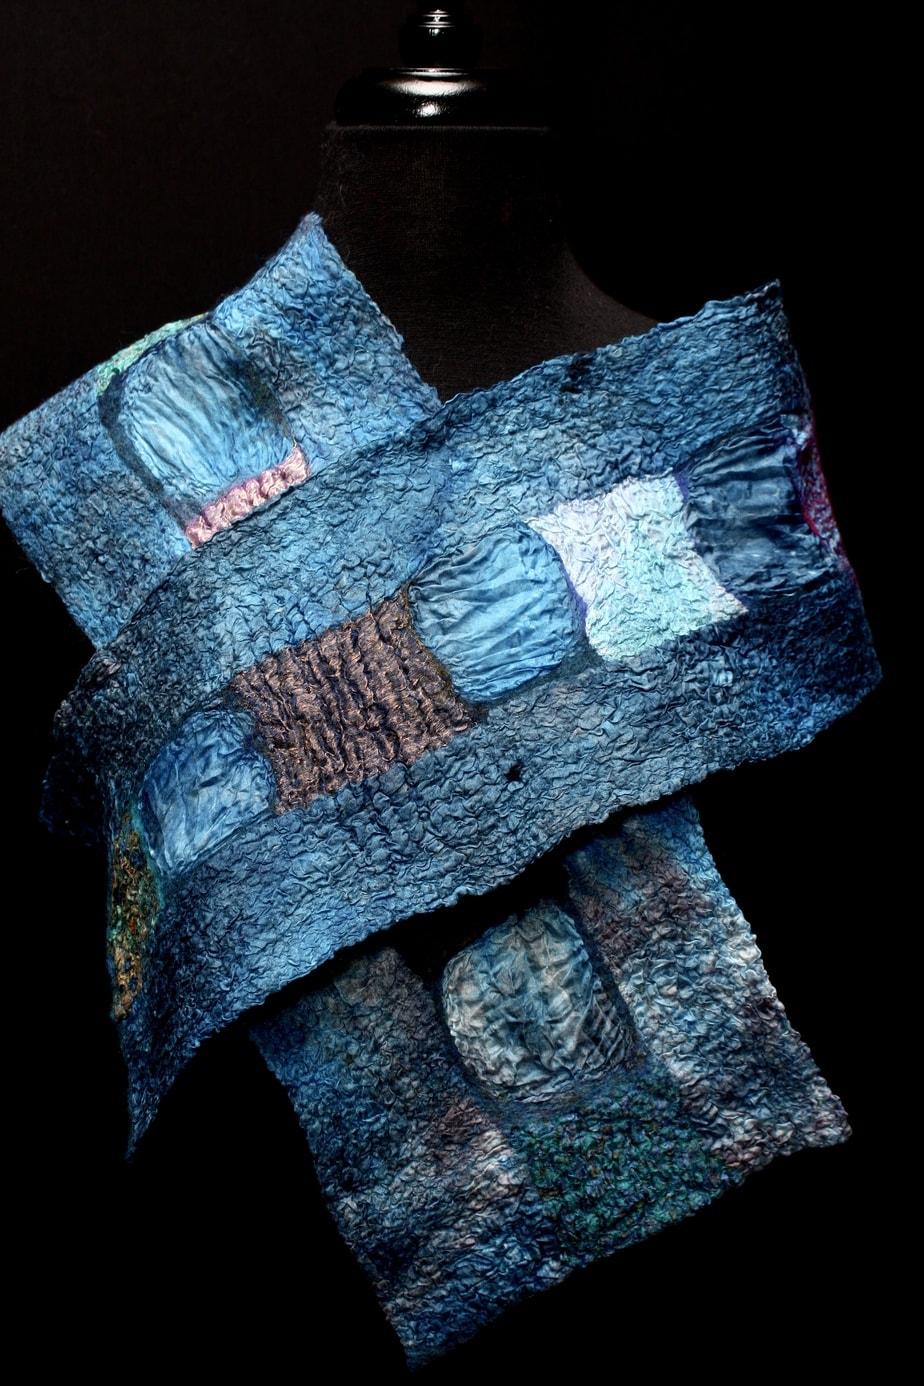 Hand-dyed habotai silk, merino wool, recycled sari silks/hand-felted